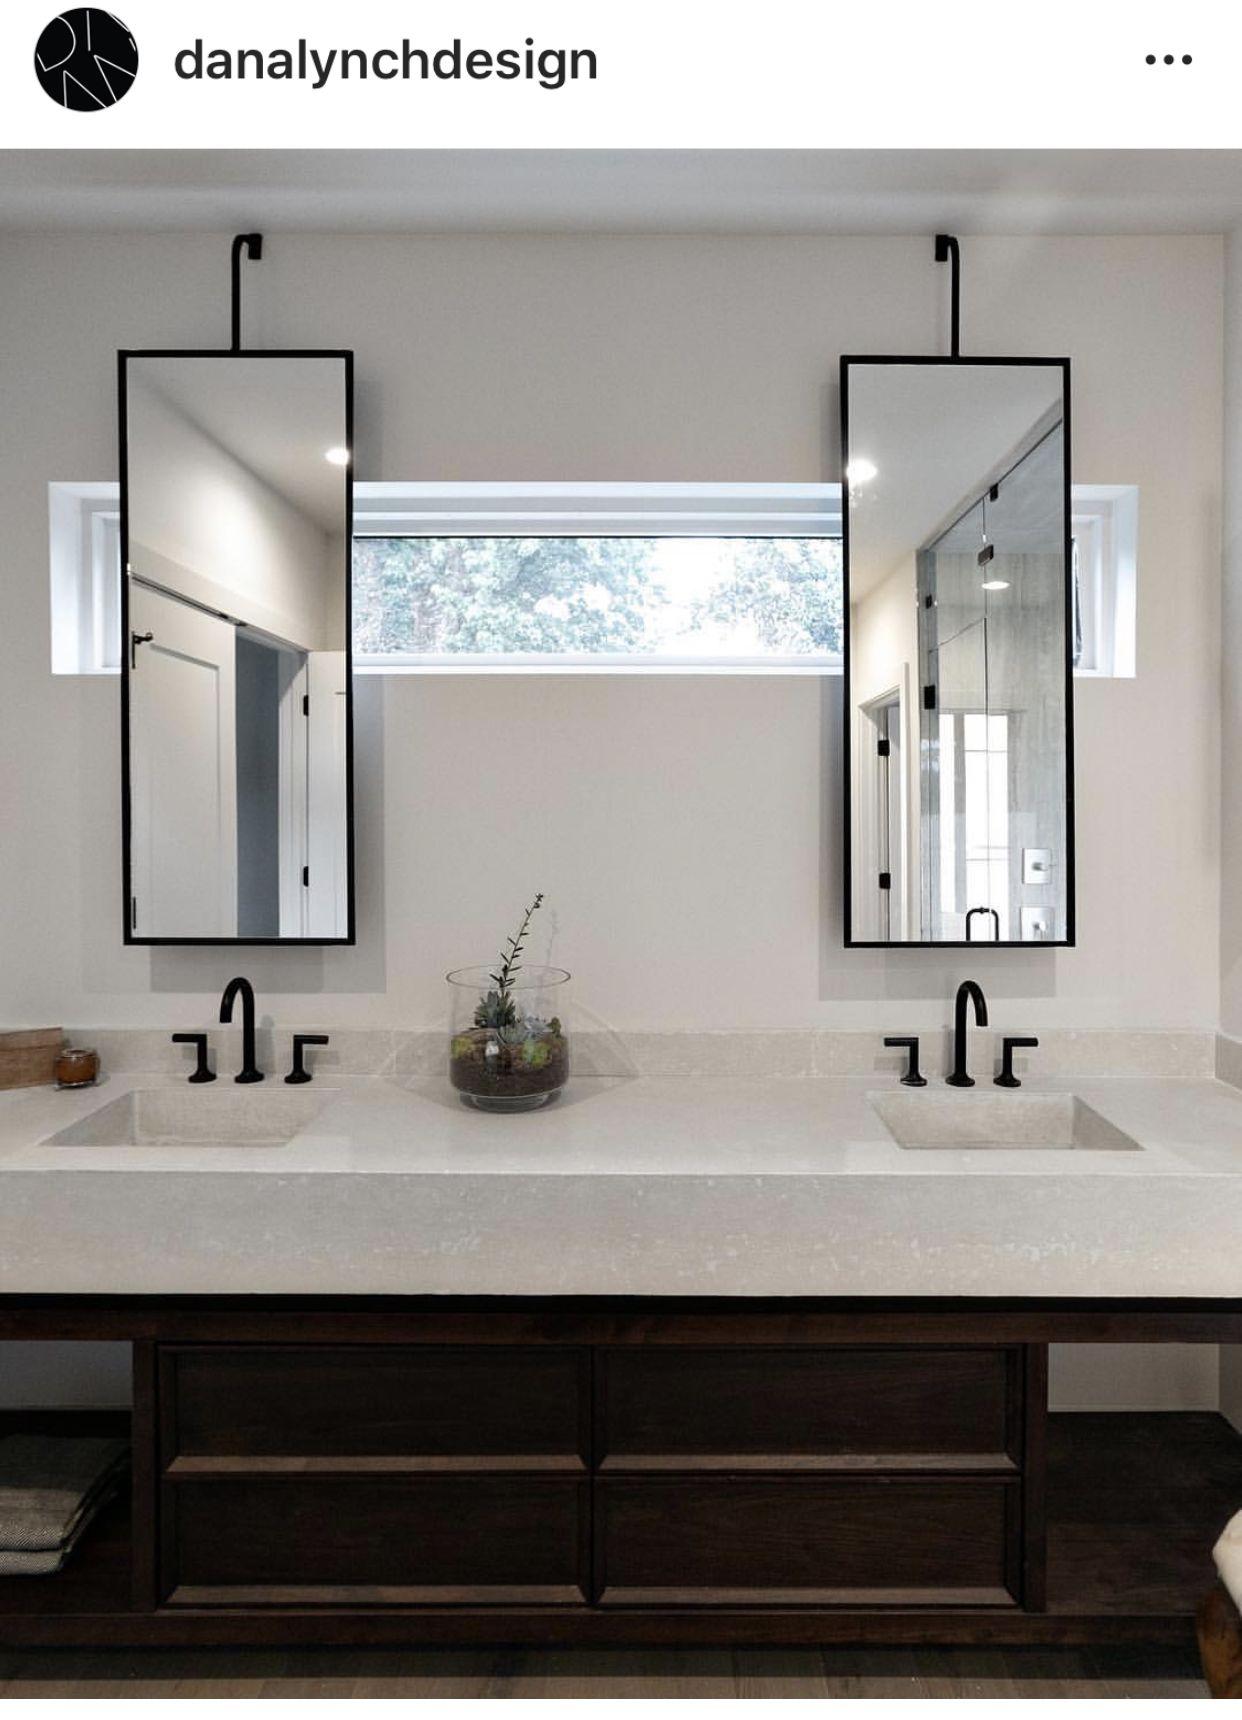 Window Window Mirror Bathroom Open Bathroom Bathroom Inspiration